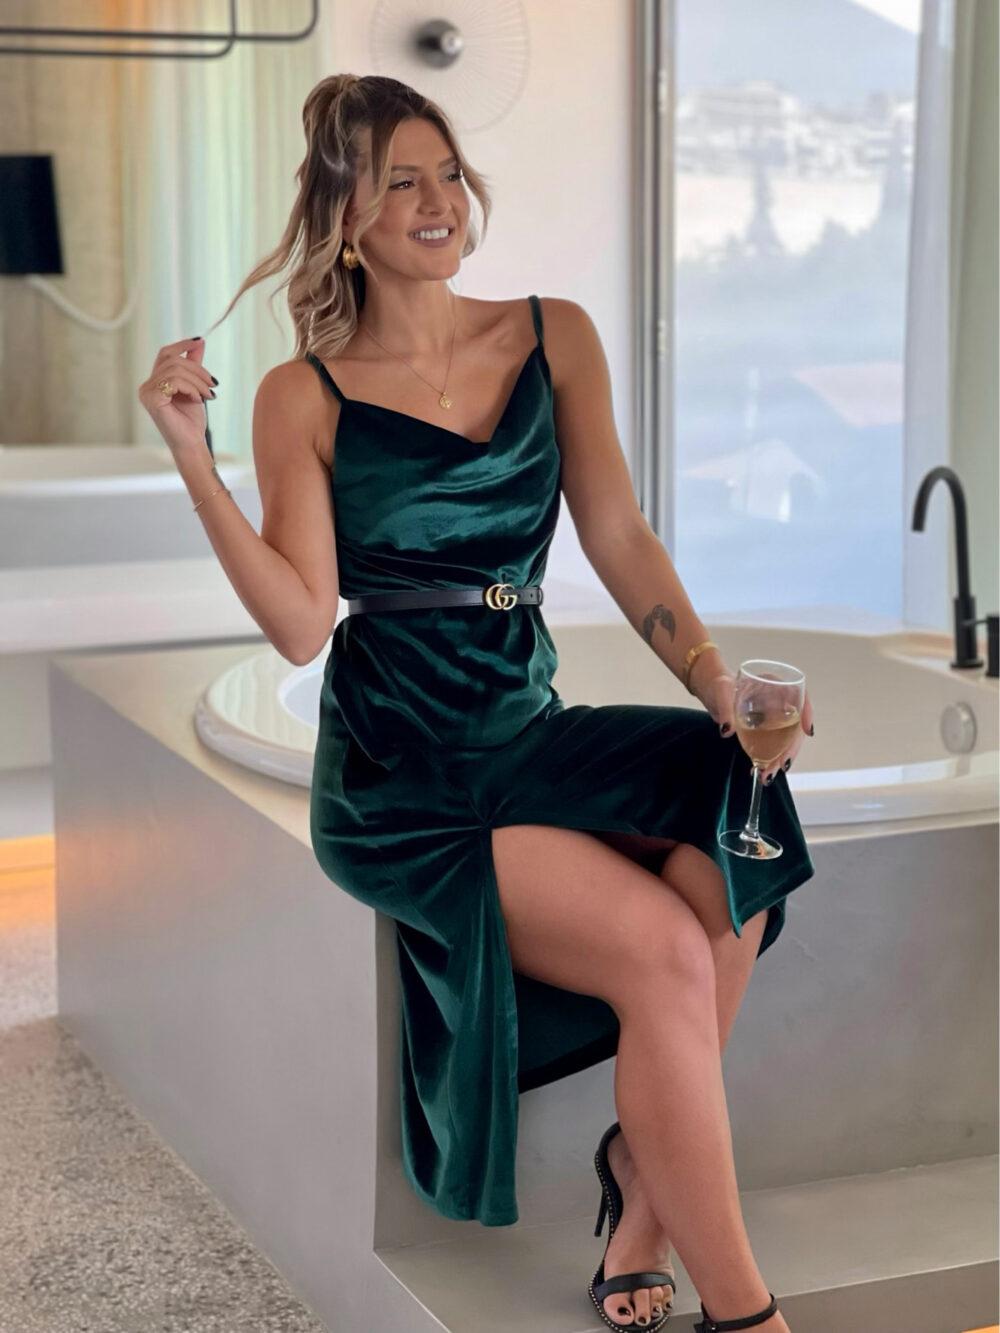 φορεμα κυπαρισσι μιντι βελουτε αμανικο